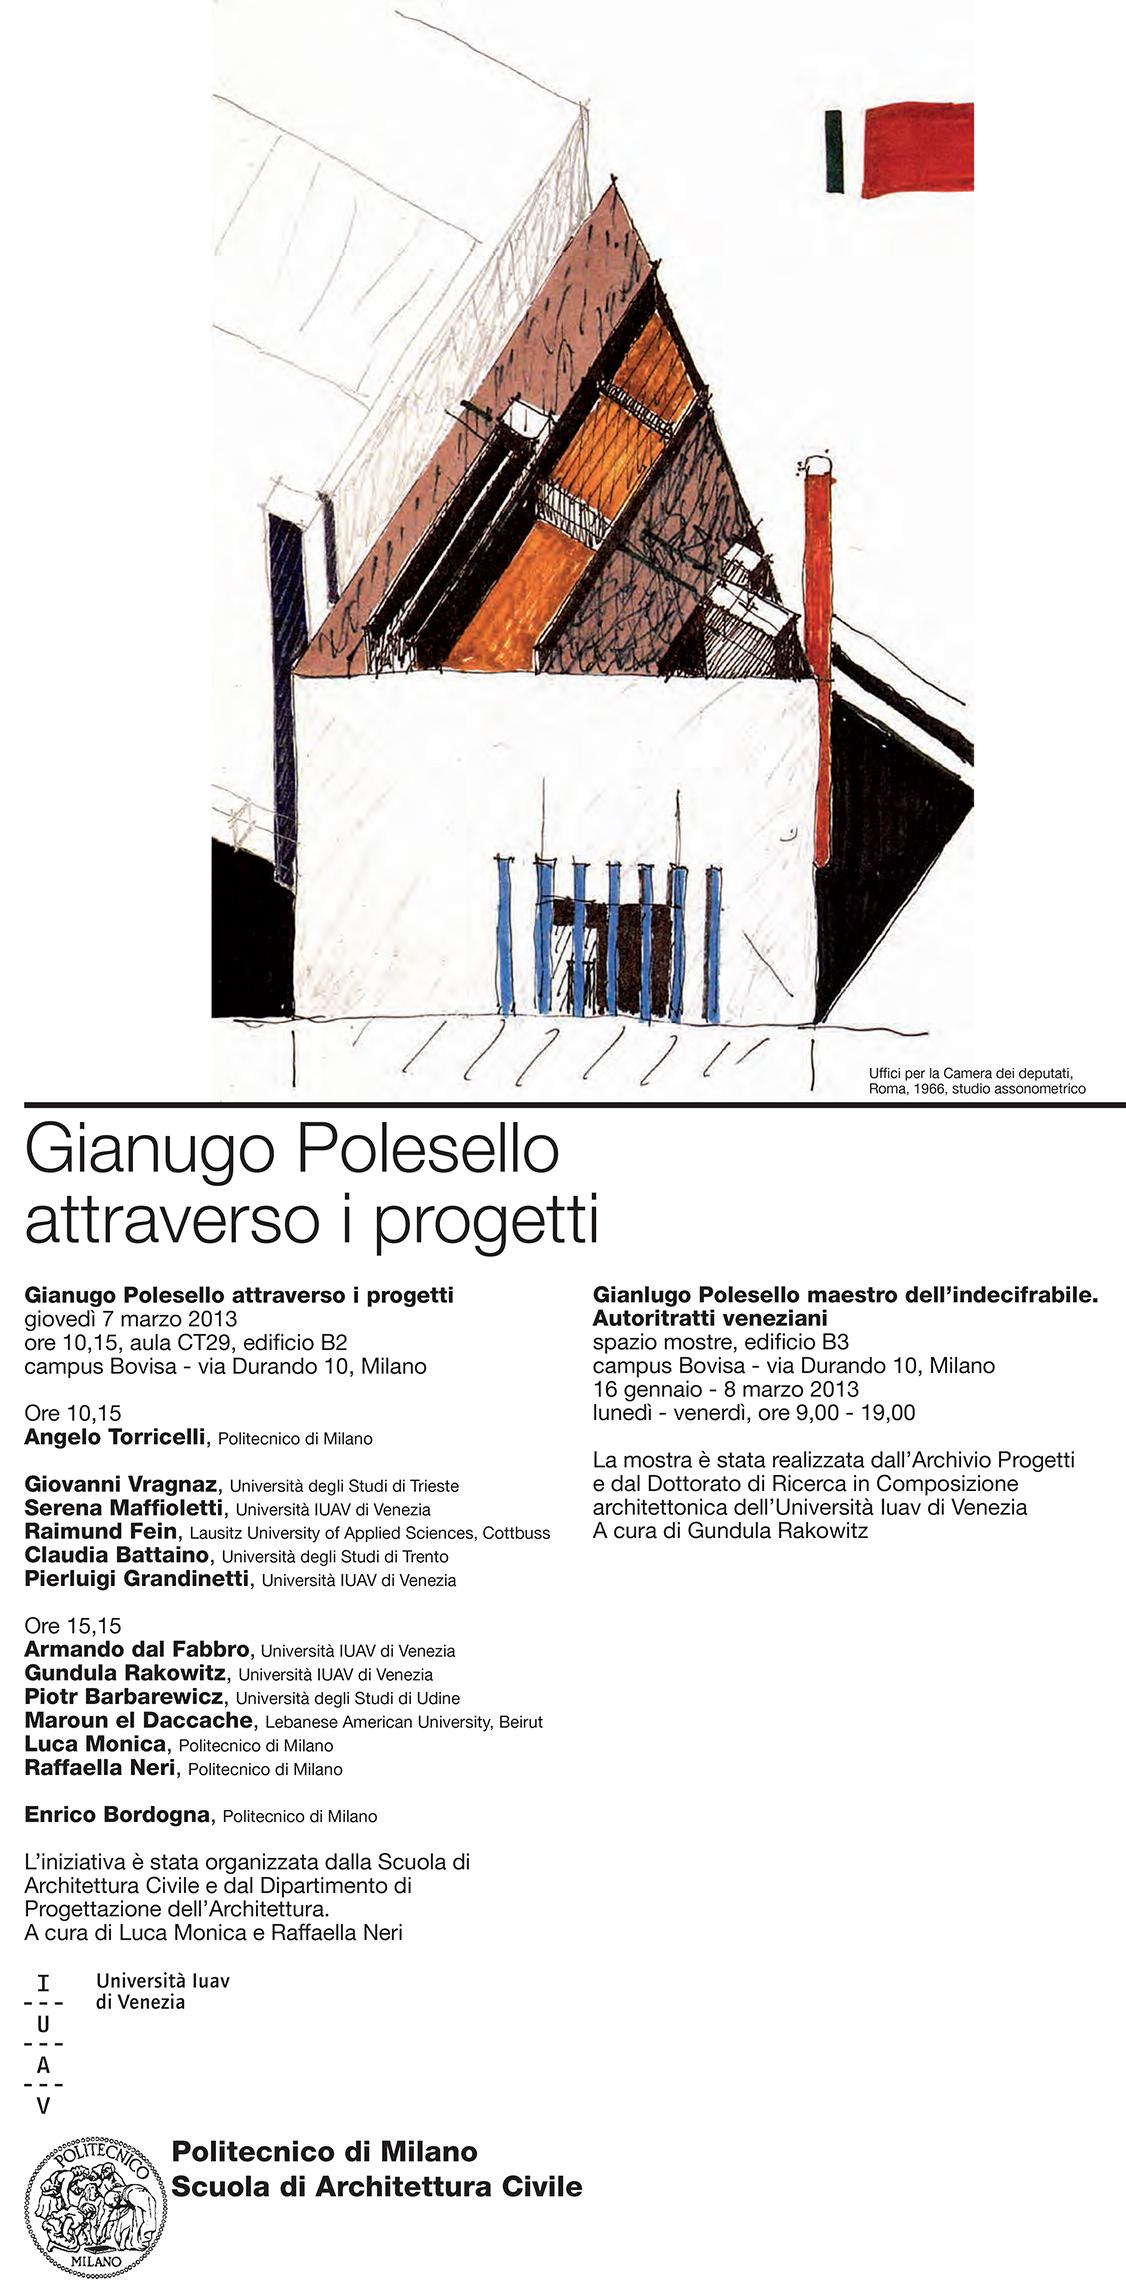 Gianugo Polesello